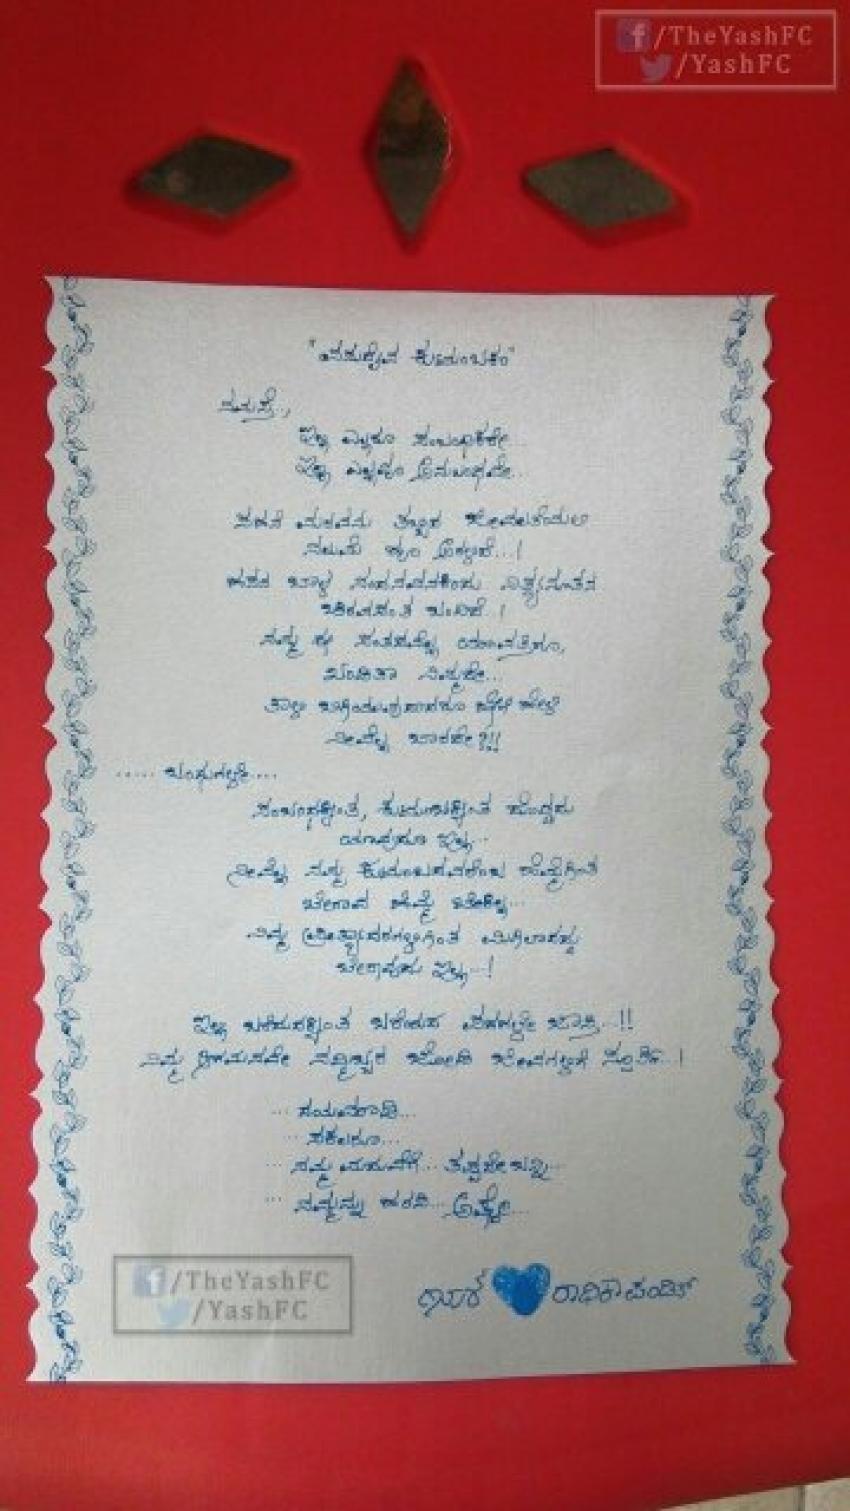 Radhika Pandit Yash Wedding Card Photos Filmibeat